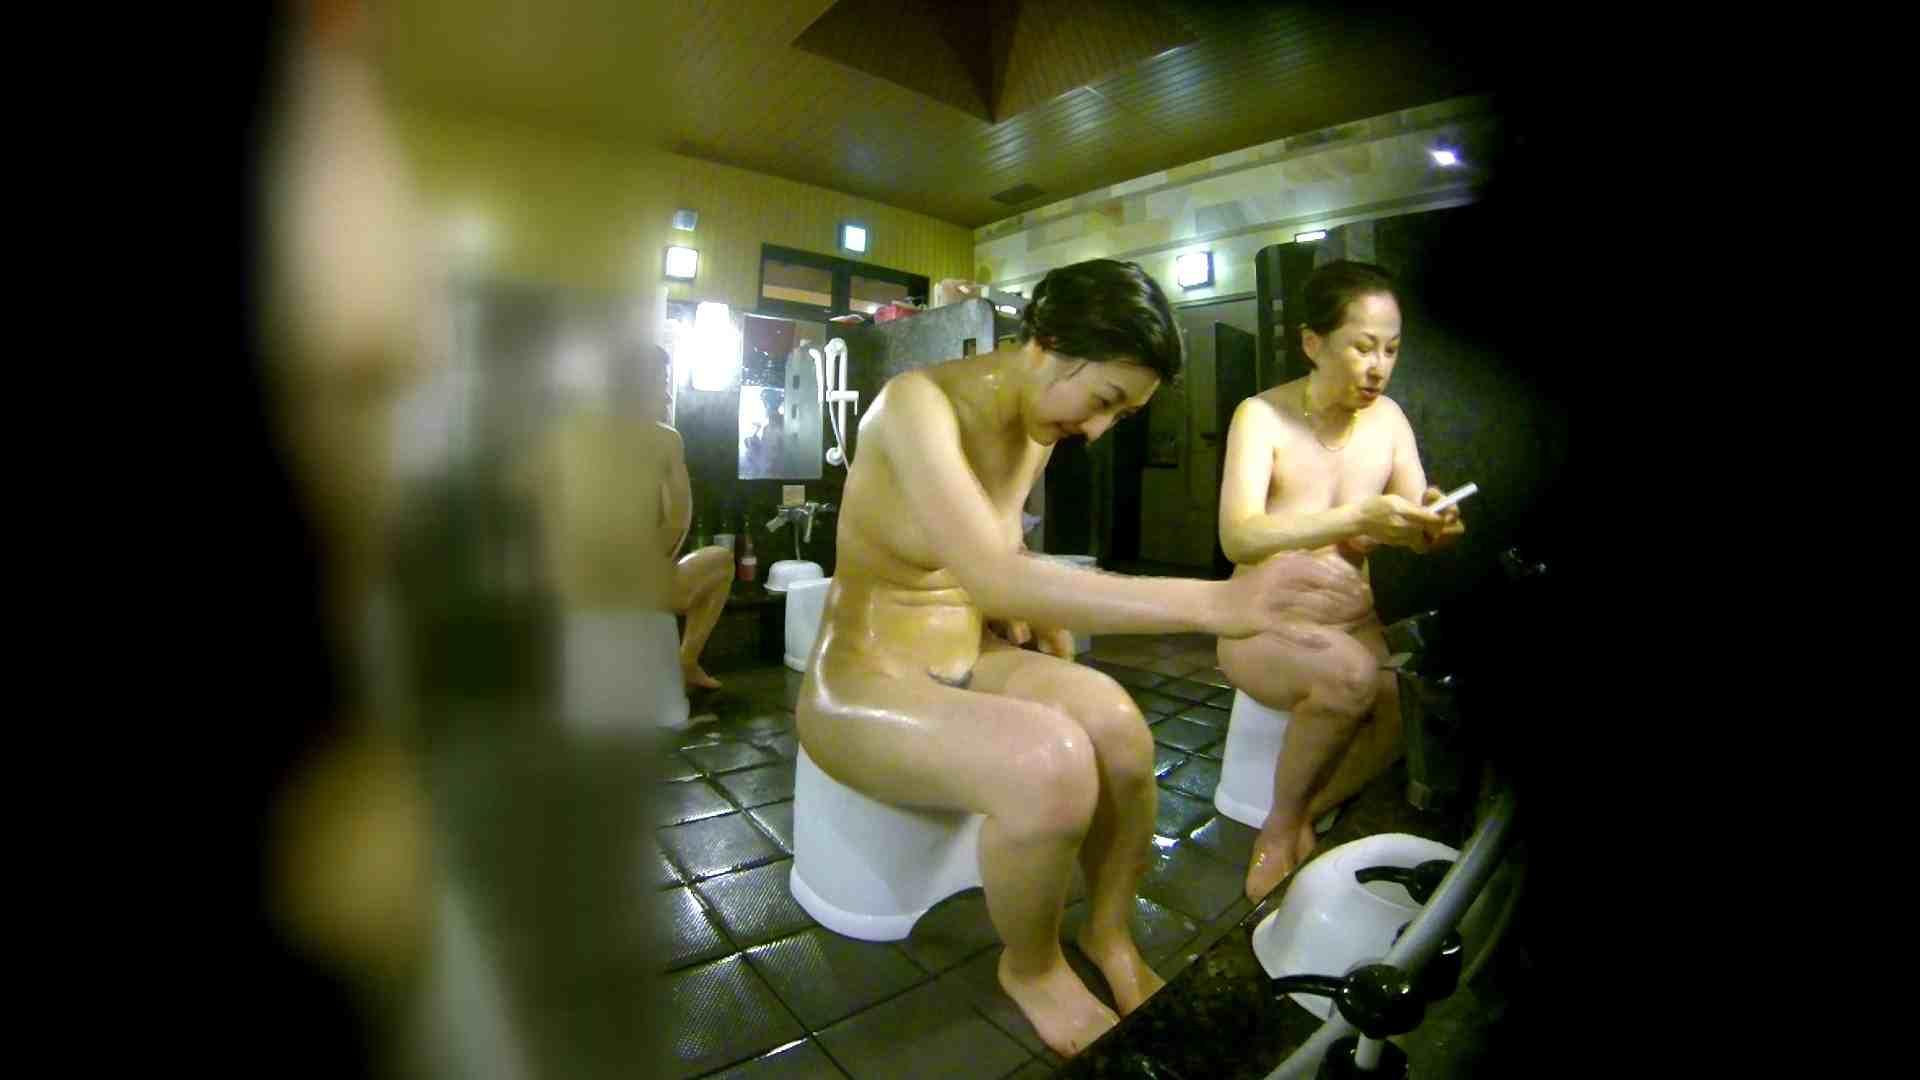 洗い場!右足の位置がいいですね。陰毛もっさり! 潜入   細身体型  107枚 50